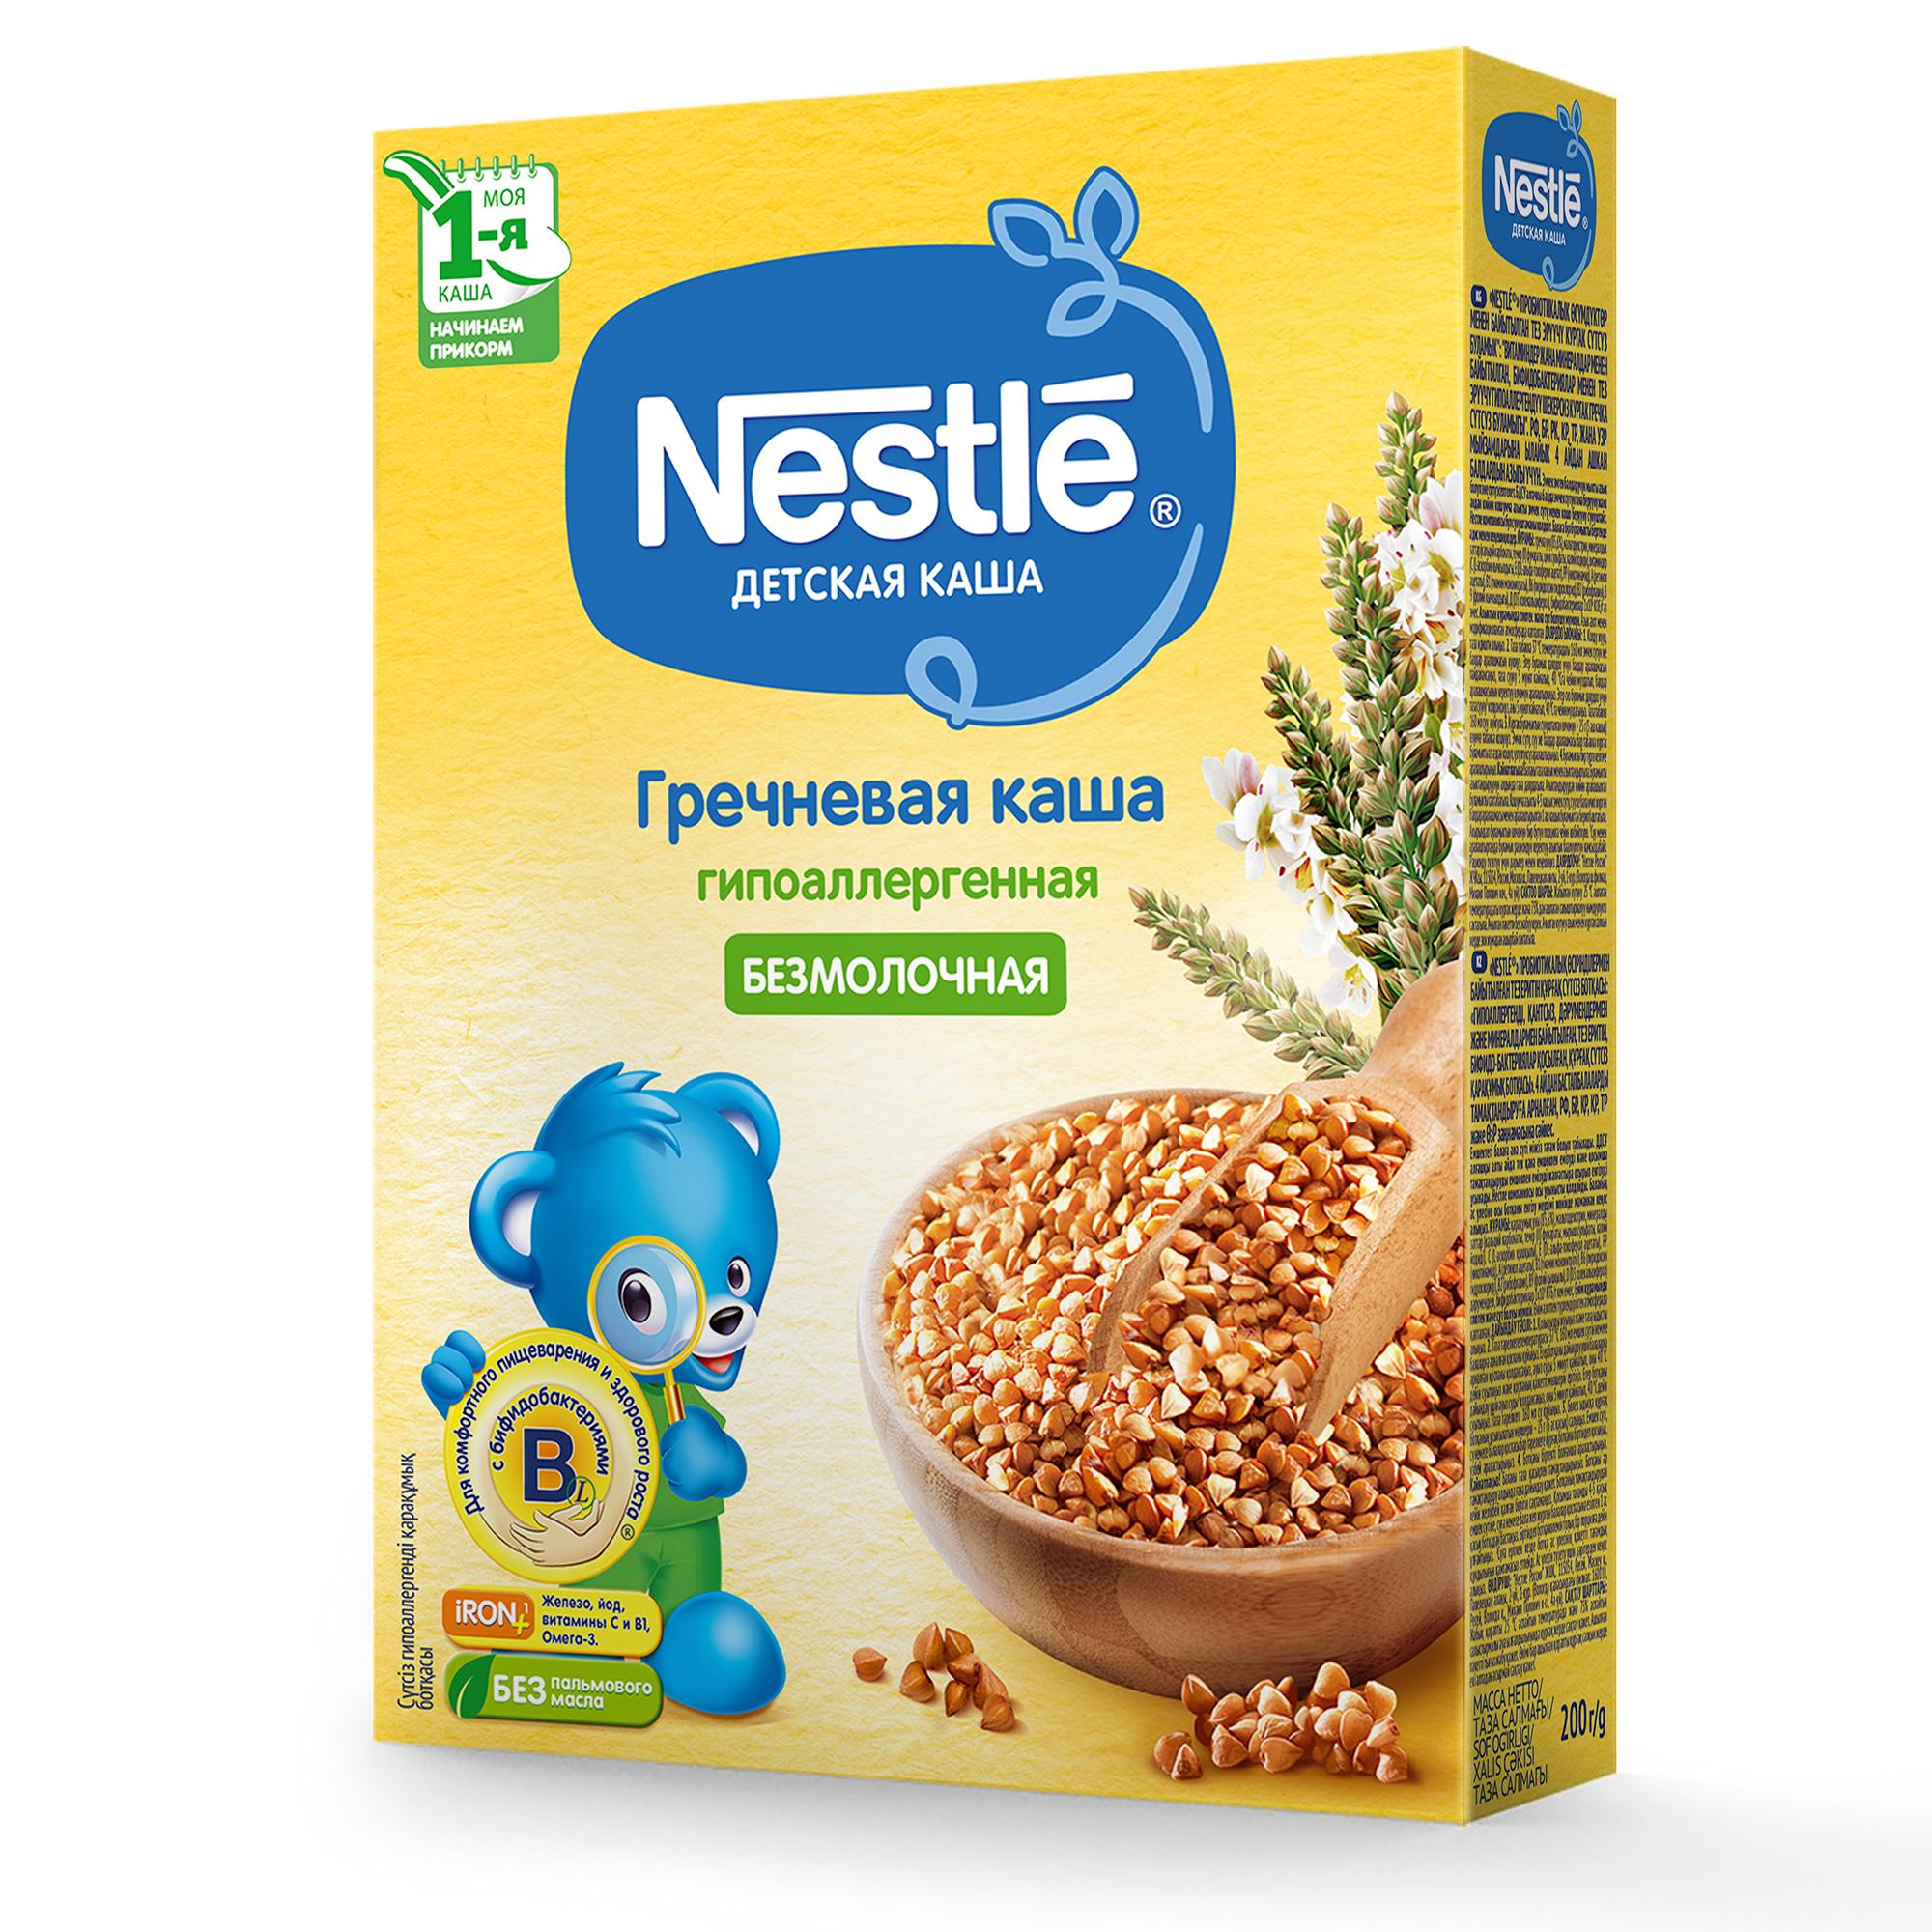 Безмолочная гречневая гипоаллергенная для начала прикорма 200г с бифидобактериями BL каша Nestle (Нестле)